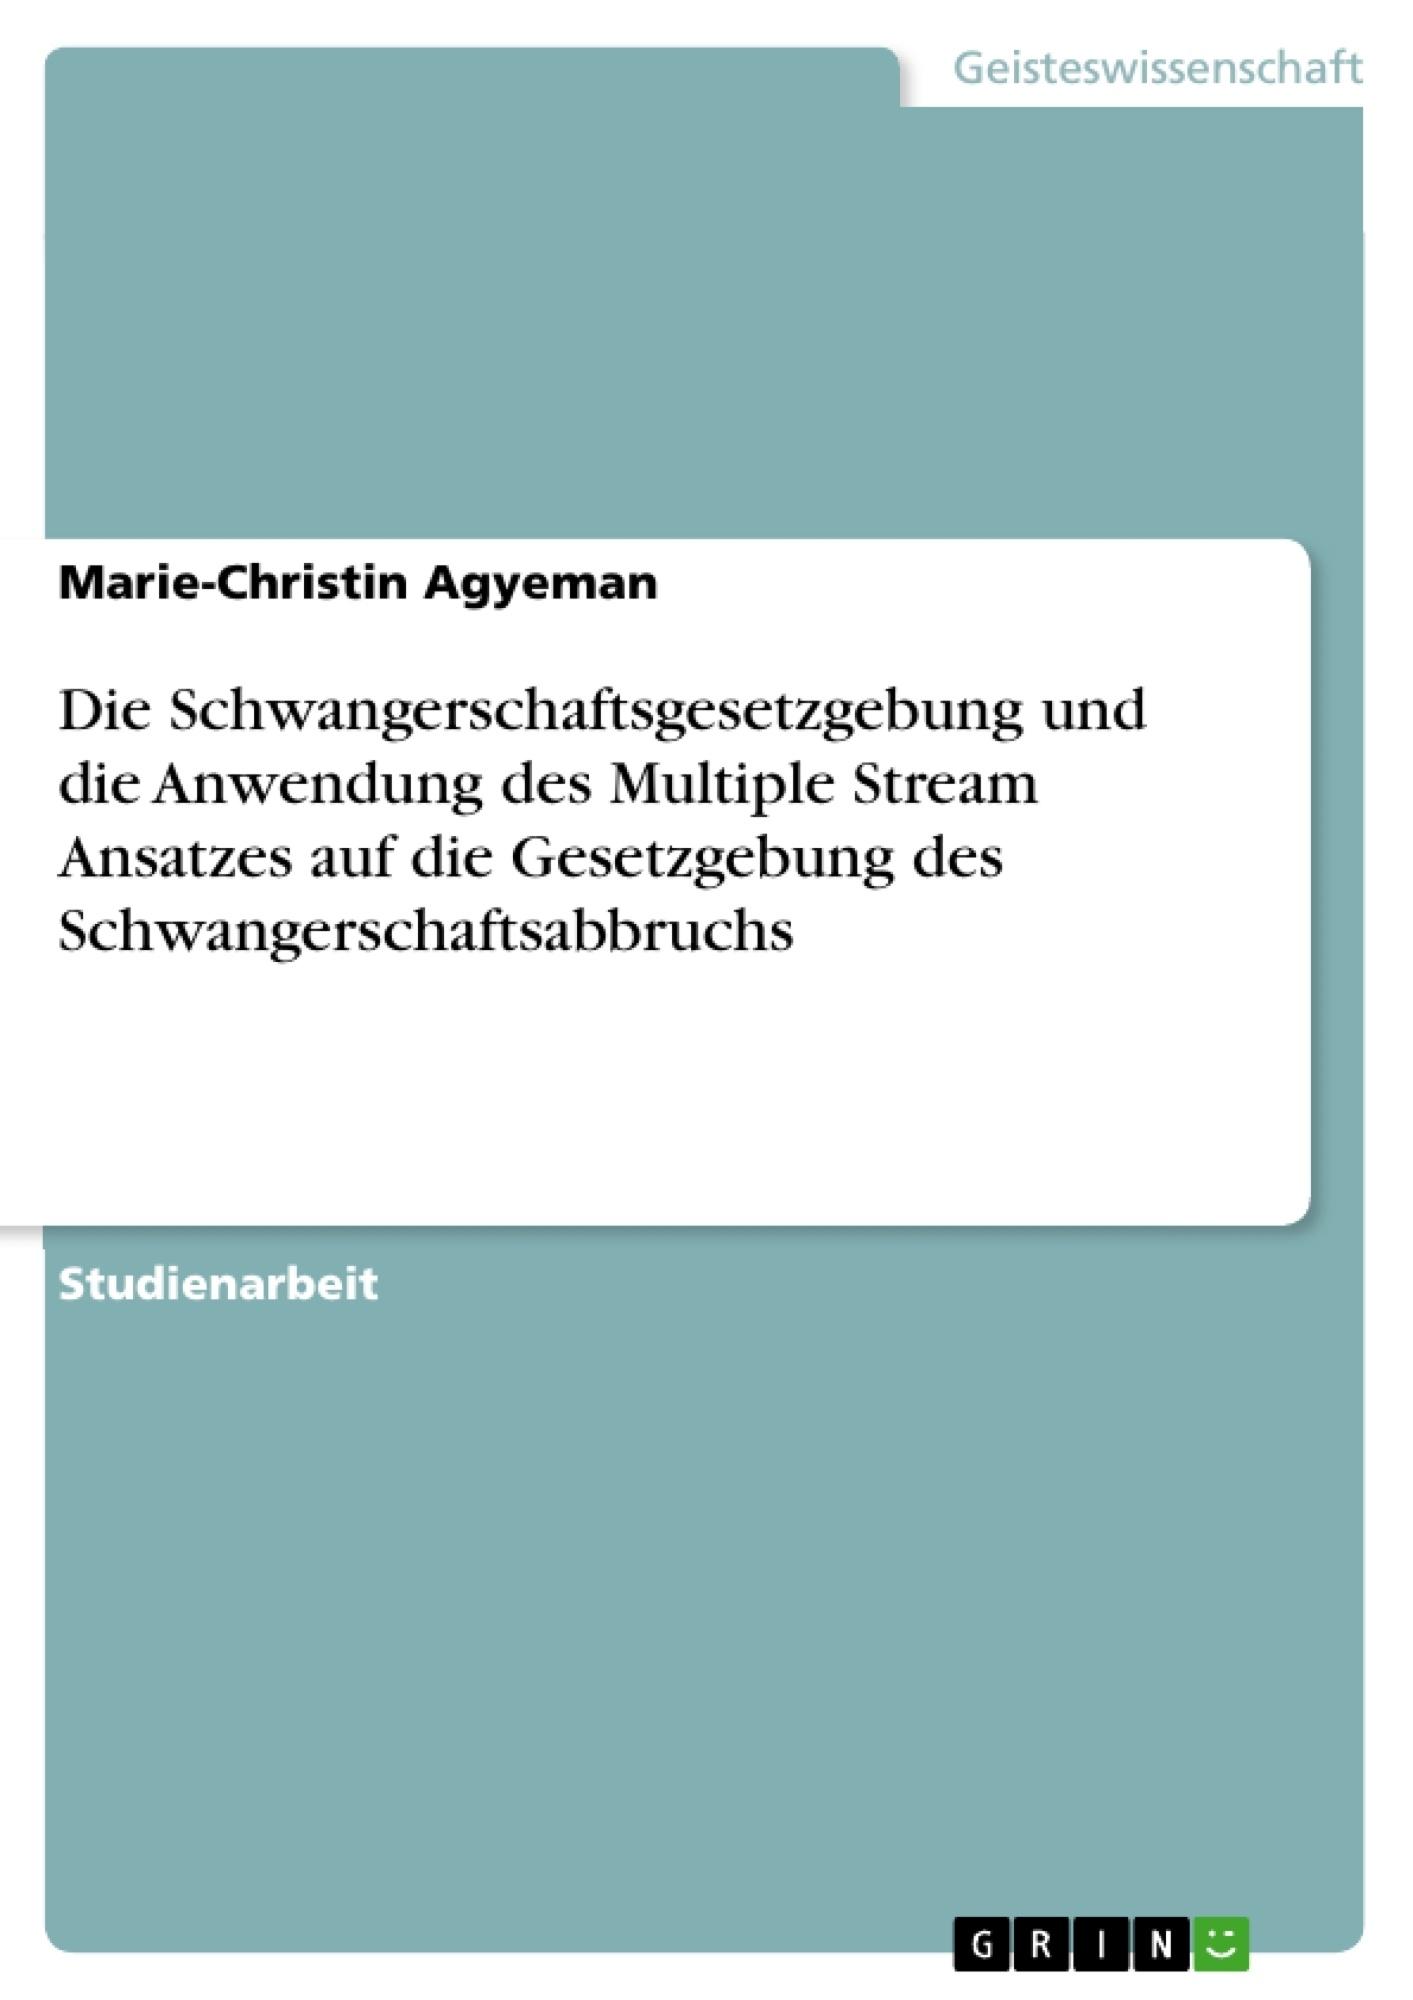 Titel: Die Schwangerschaftsgesetzgebung und die Anwendung des Multiple Stream Ansatzes auf die Gesetzgebung des Schwangerschaftsabbruchs